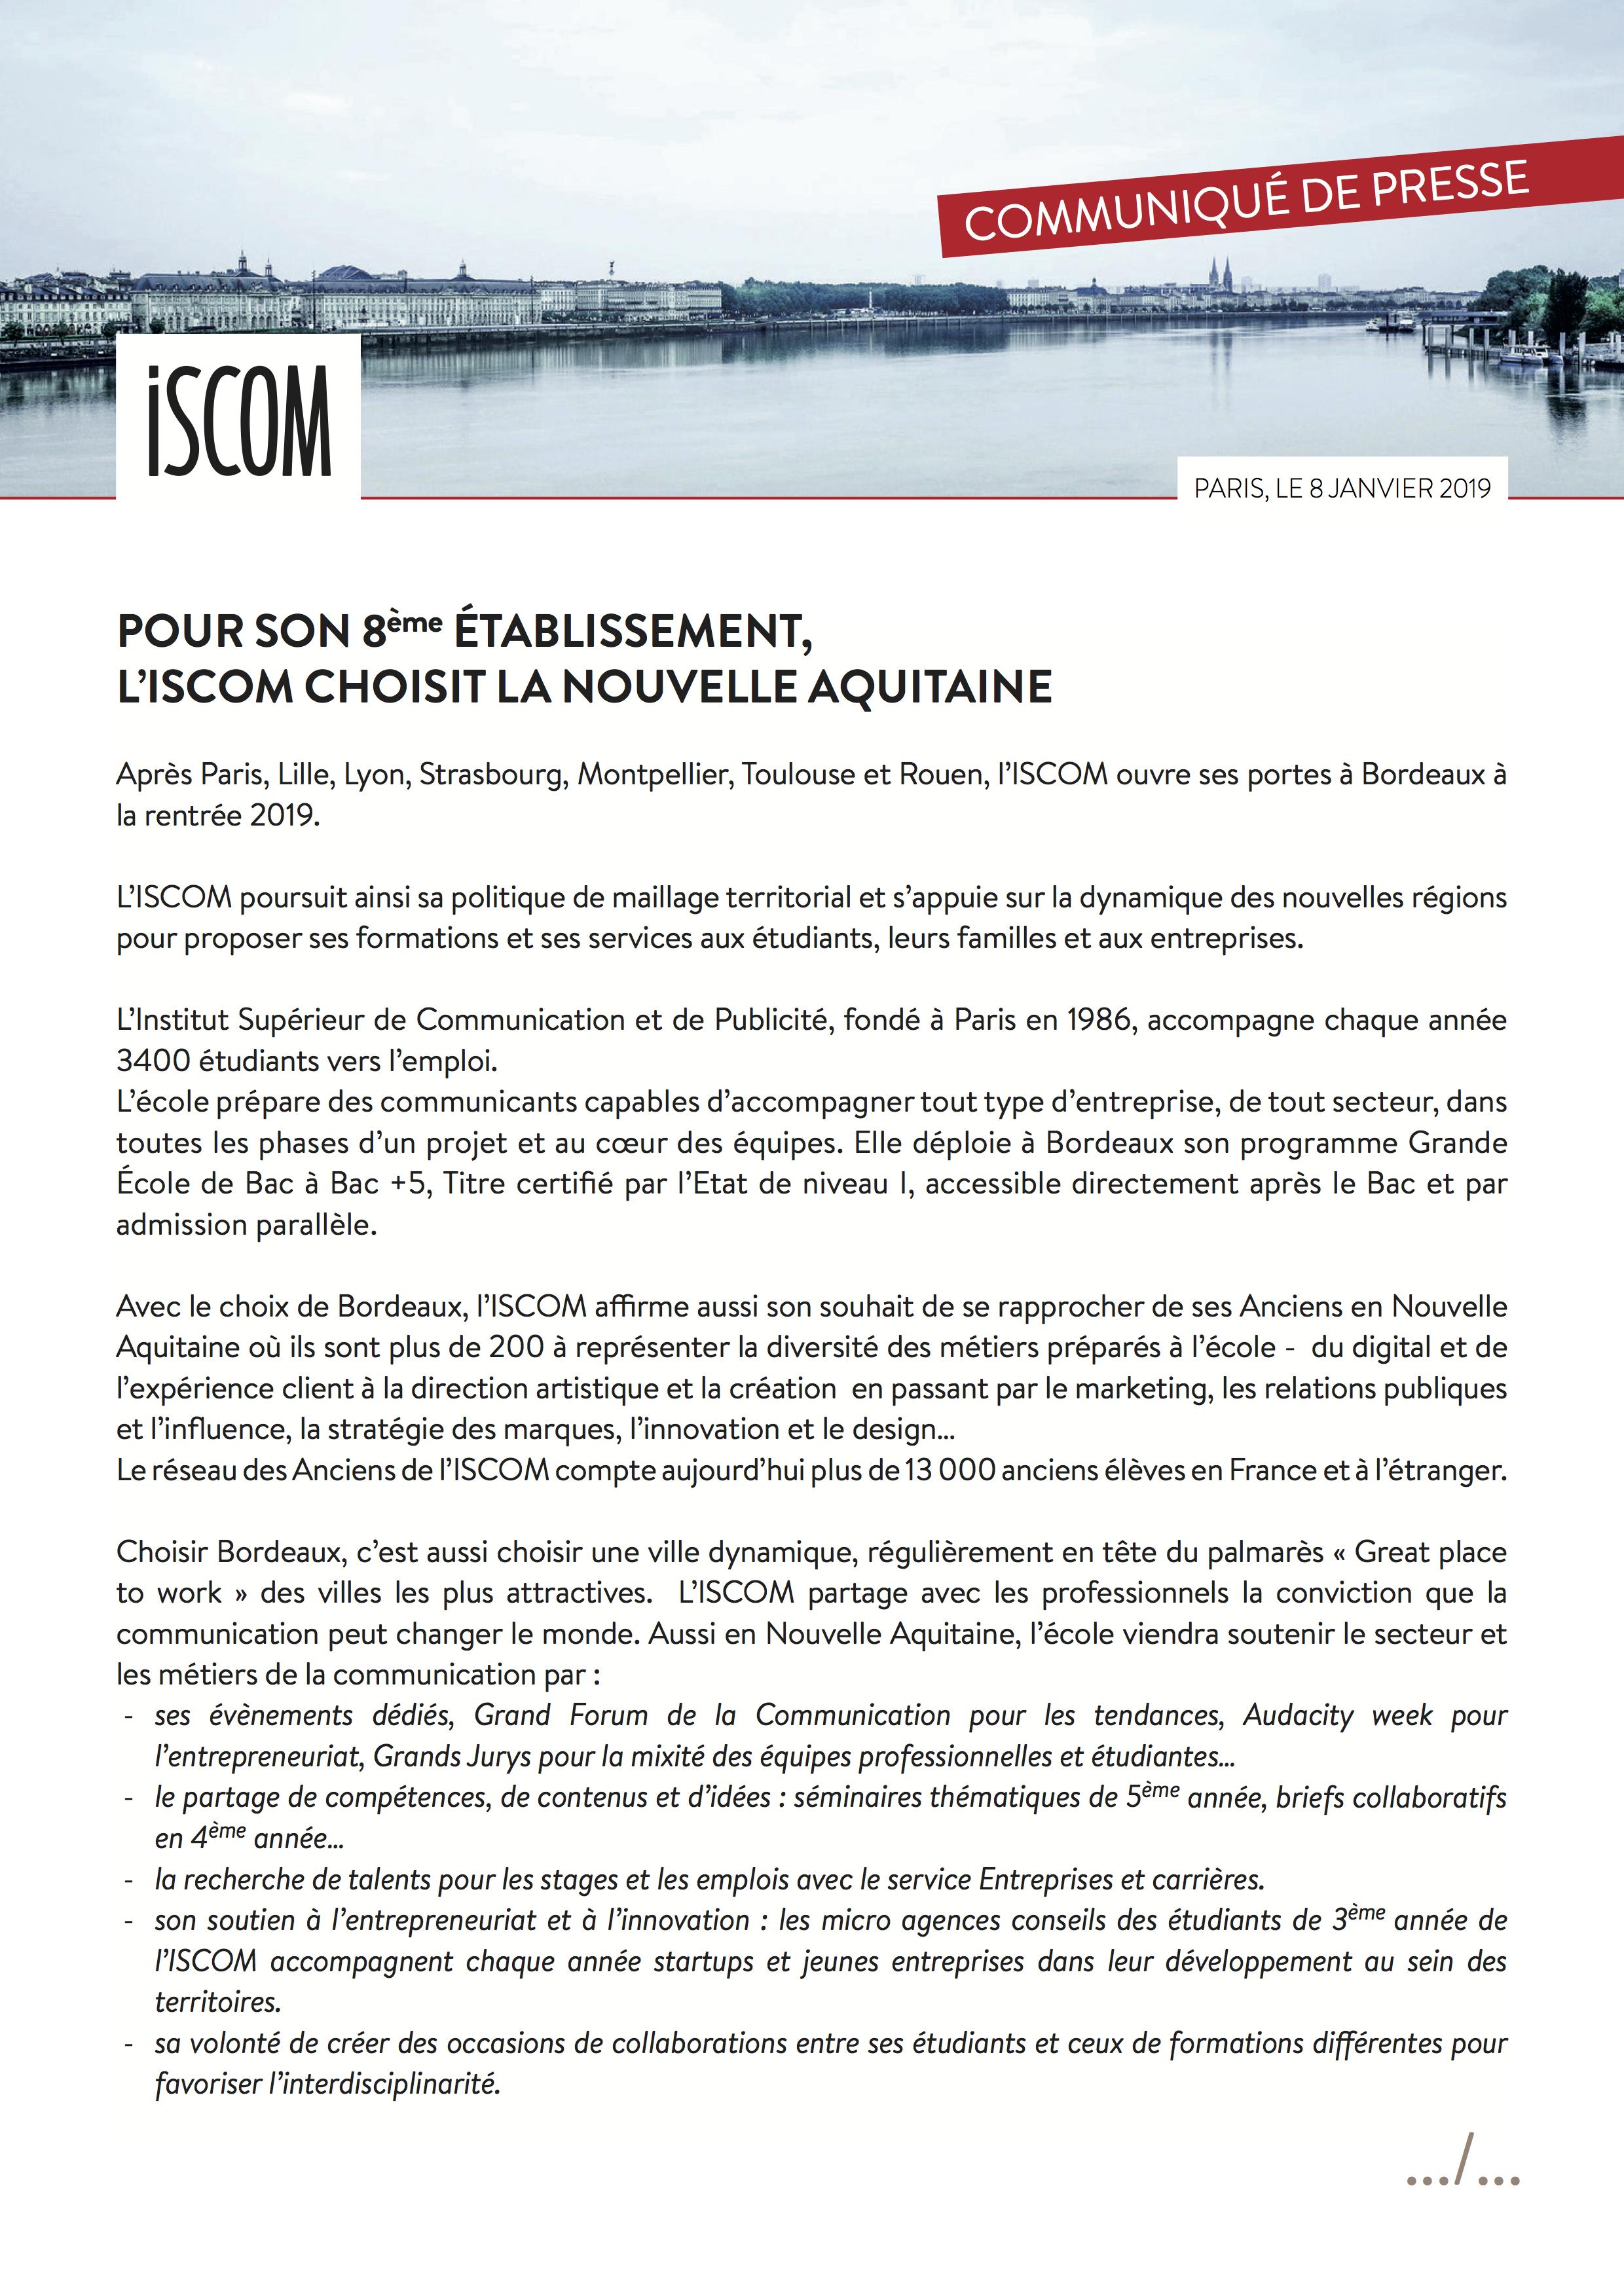 communique-presse-iscom-bordeaux_partie1